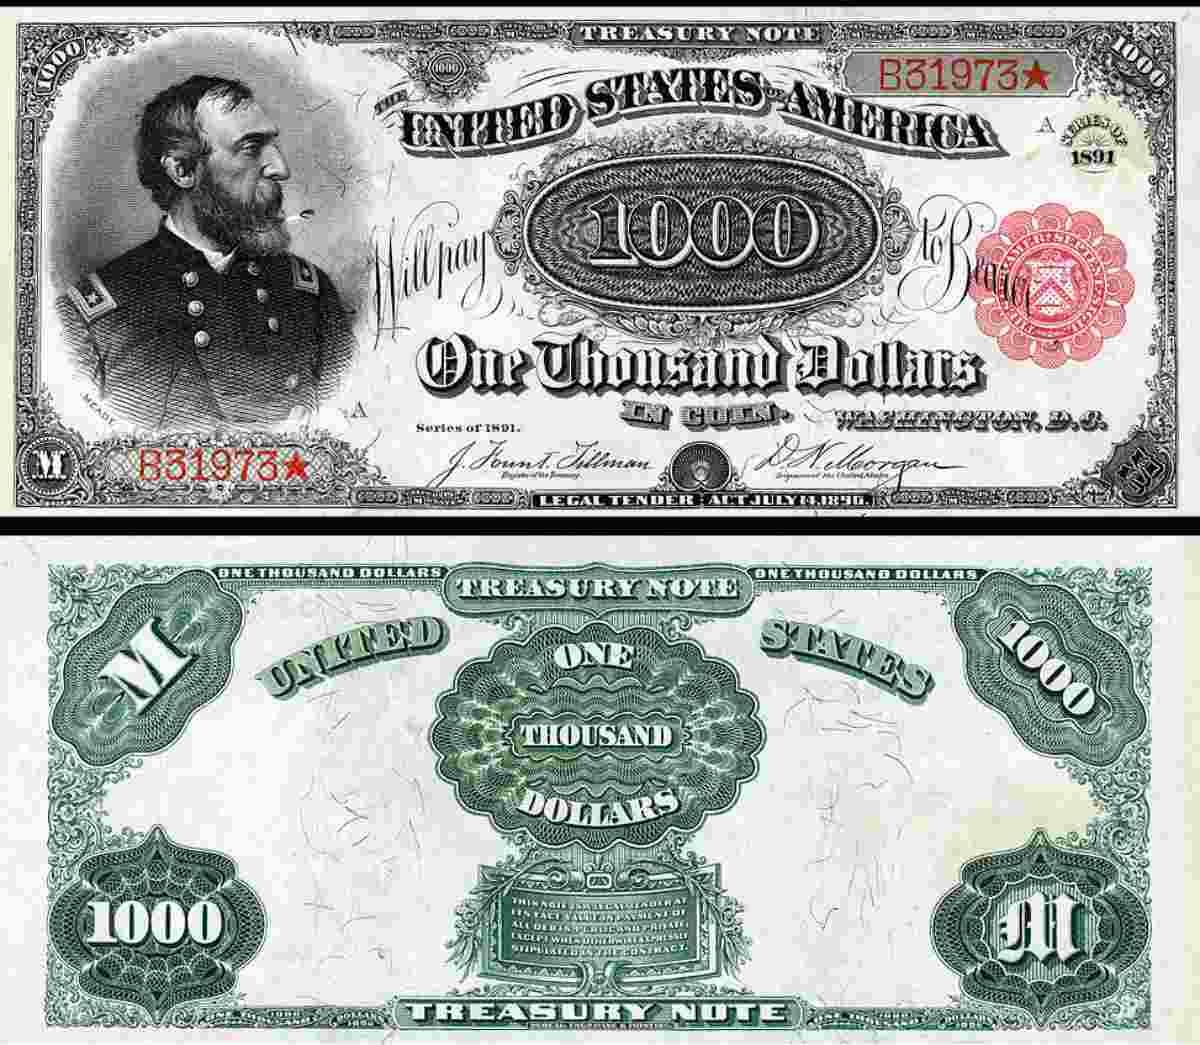 Banconota da 1000 dollari (Wikipedia)